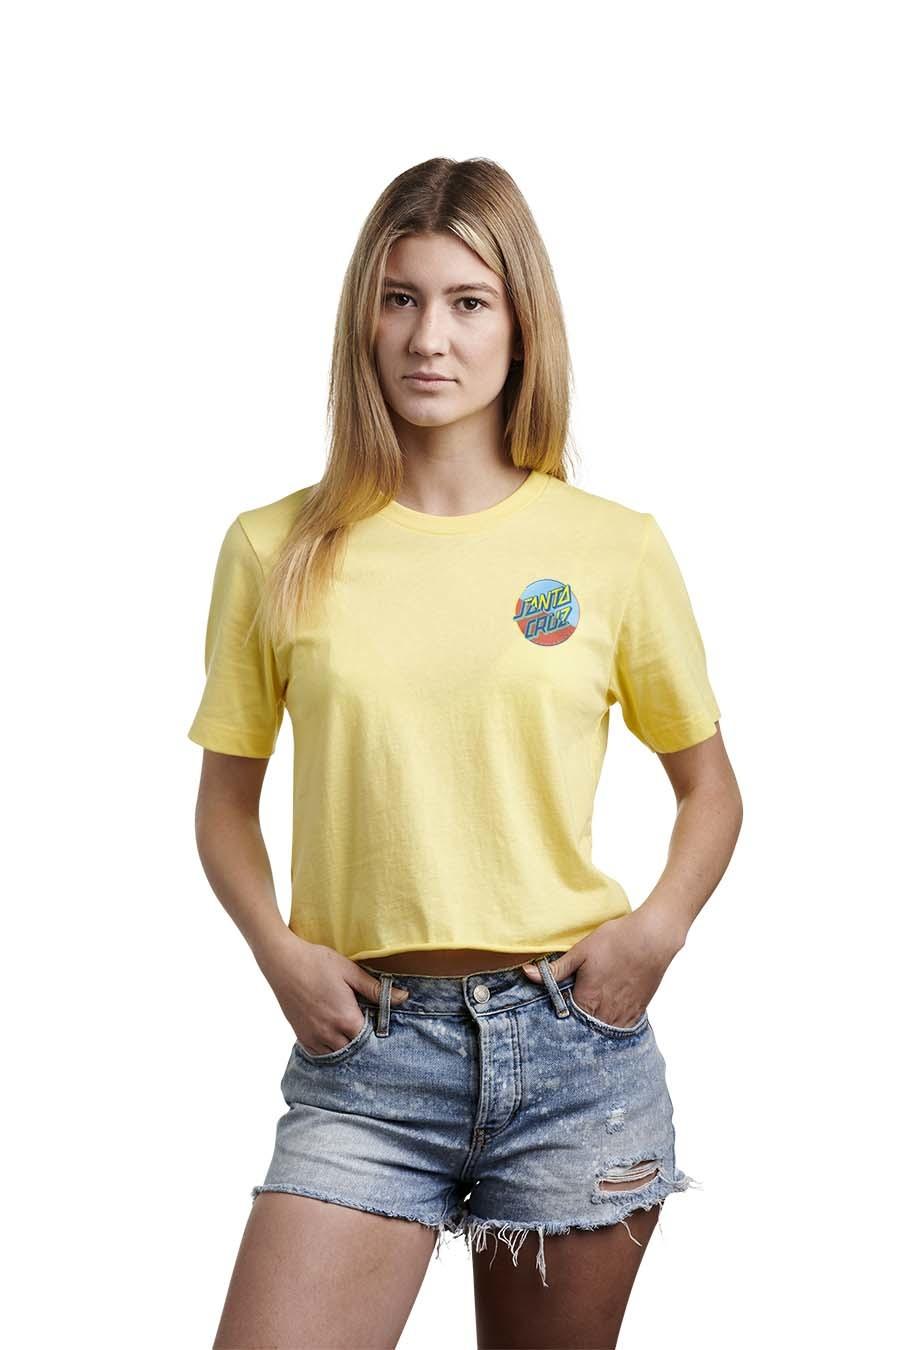 Dot Blocker S/S Crop T-shirt